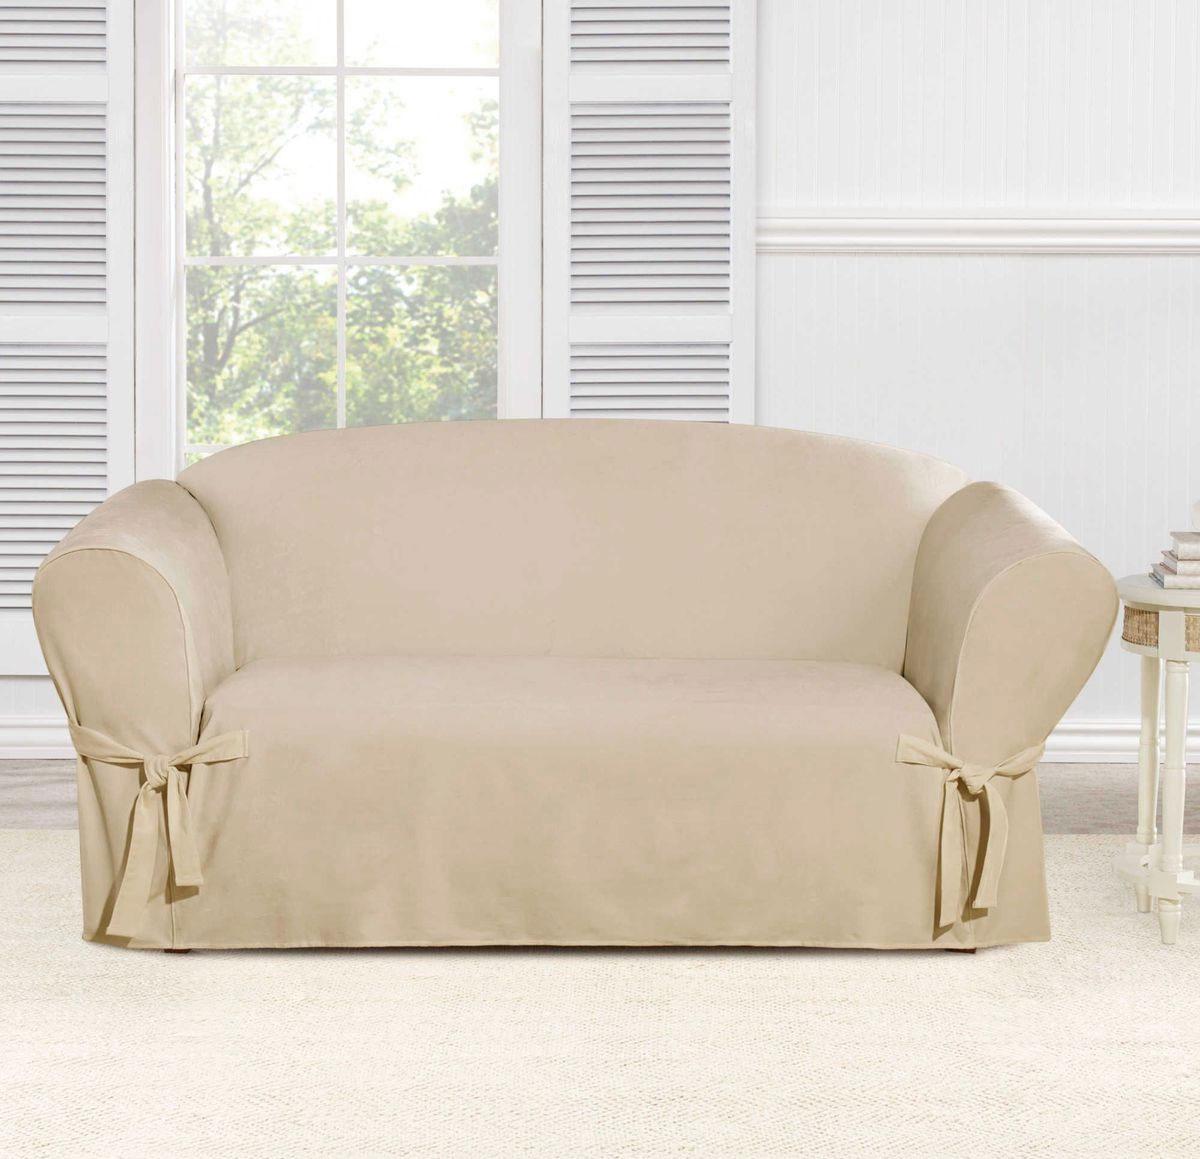 Чехол на двухместный диван Медежда Брайтон, цвет: бежевый чехол на двухместный диван медежда лидс цвет бежевый